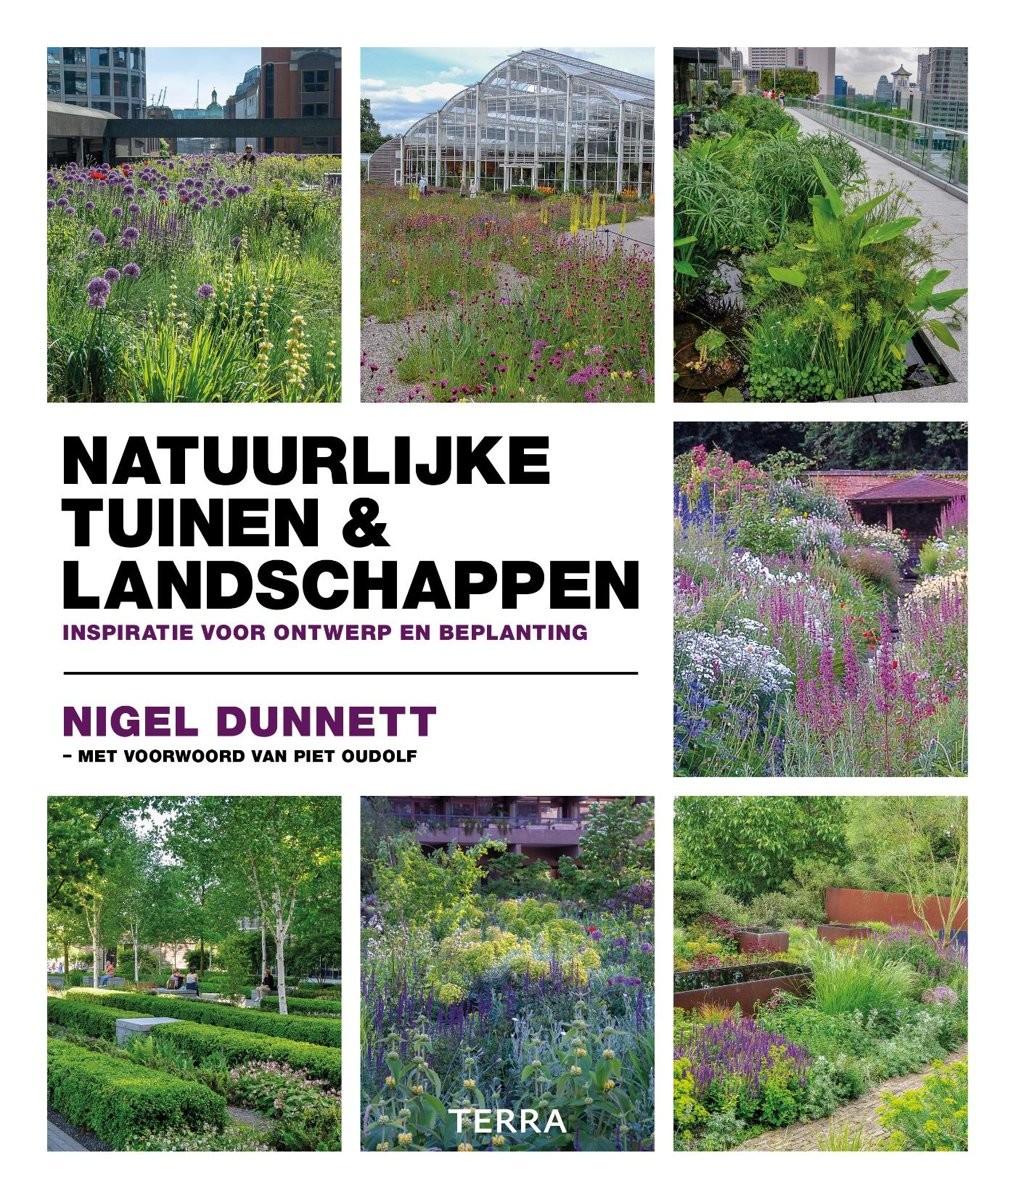 Natuurlijke tuinen en landschappen door Nigel Dunnet